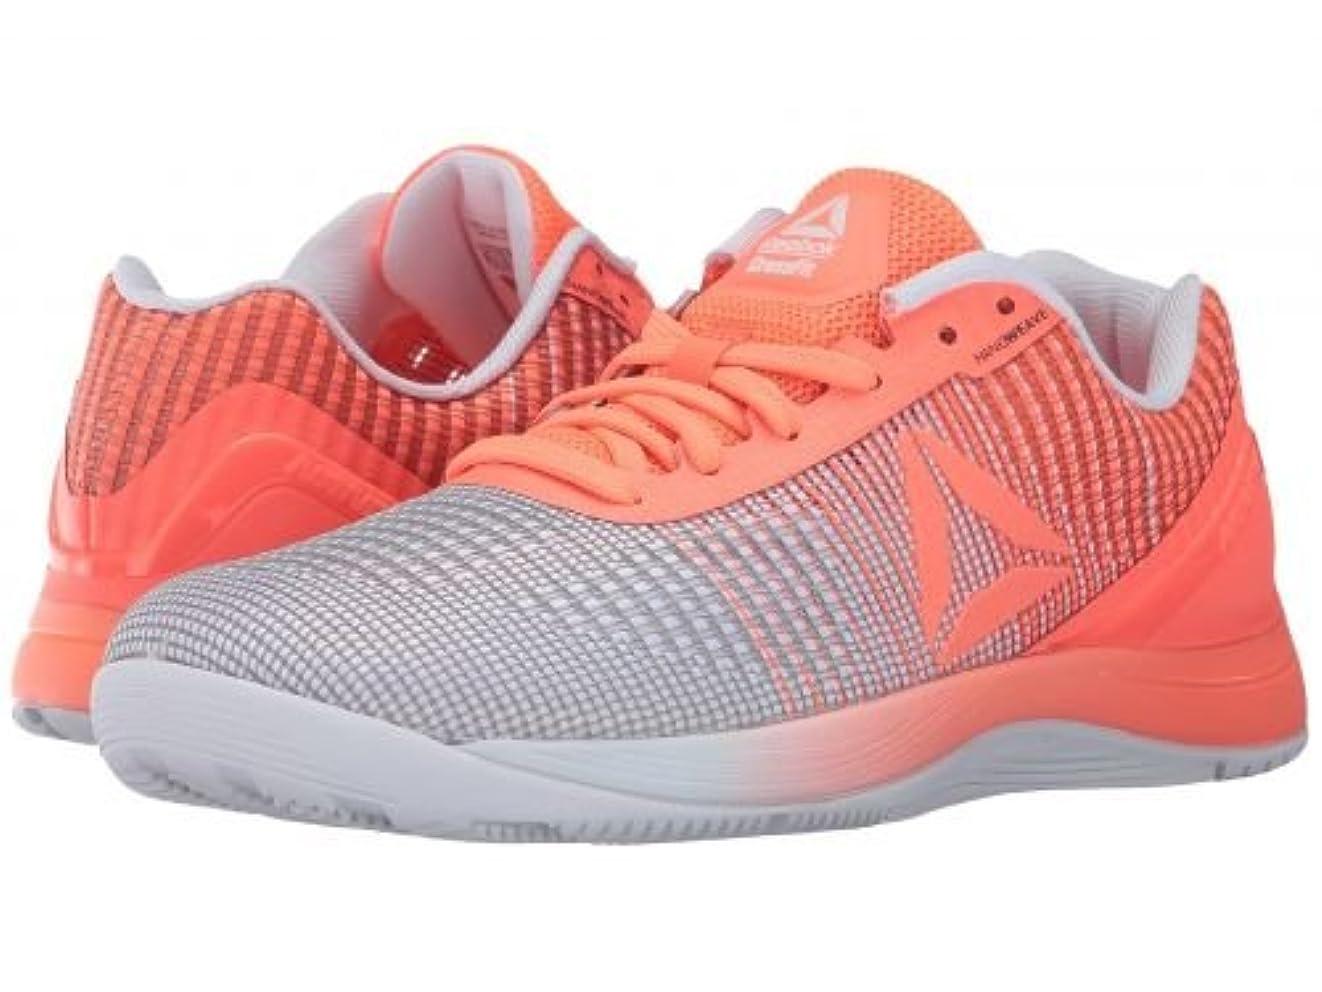 糞アストロラーベ期待するReebok(リーボック) レディース 女性用 シューズ 靴 スニーカー 運動靴 Crossfit(R) Nano 7.0 Weave - Guava Punch/White [並行輸入品]